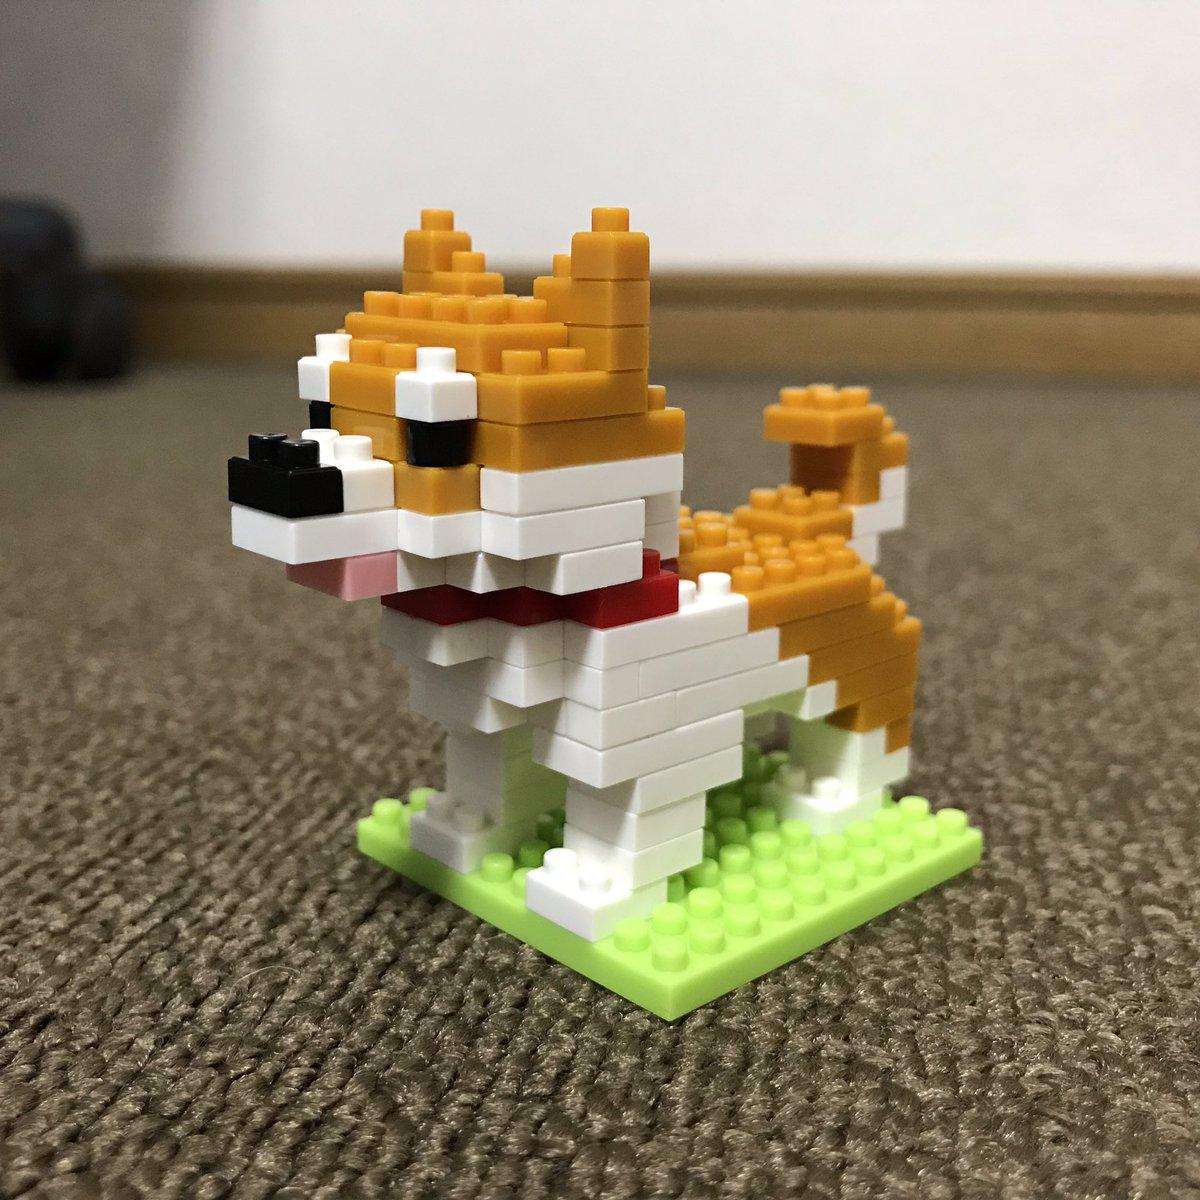 test ツイッターメディア - ダイソーのプチブロック柴犬。 100円ですごくかわいいww #ダイソー #柴犬 https://t.co/d38UDTBEgu